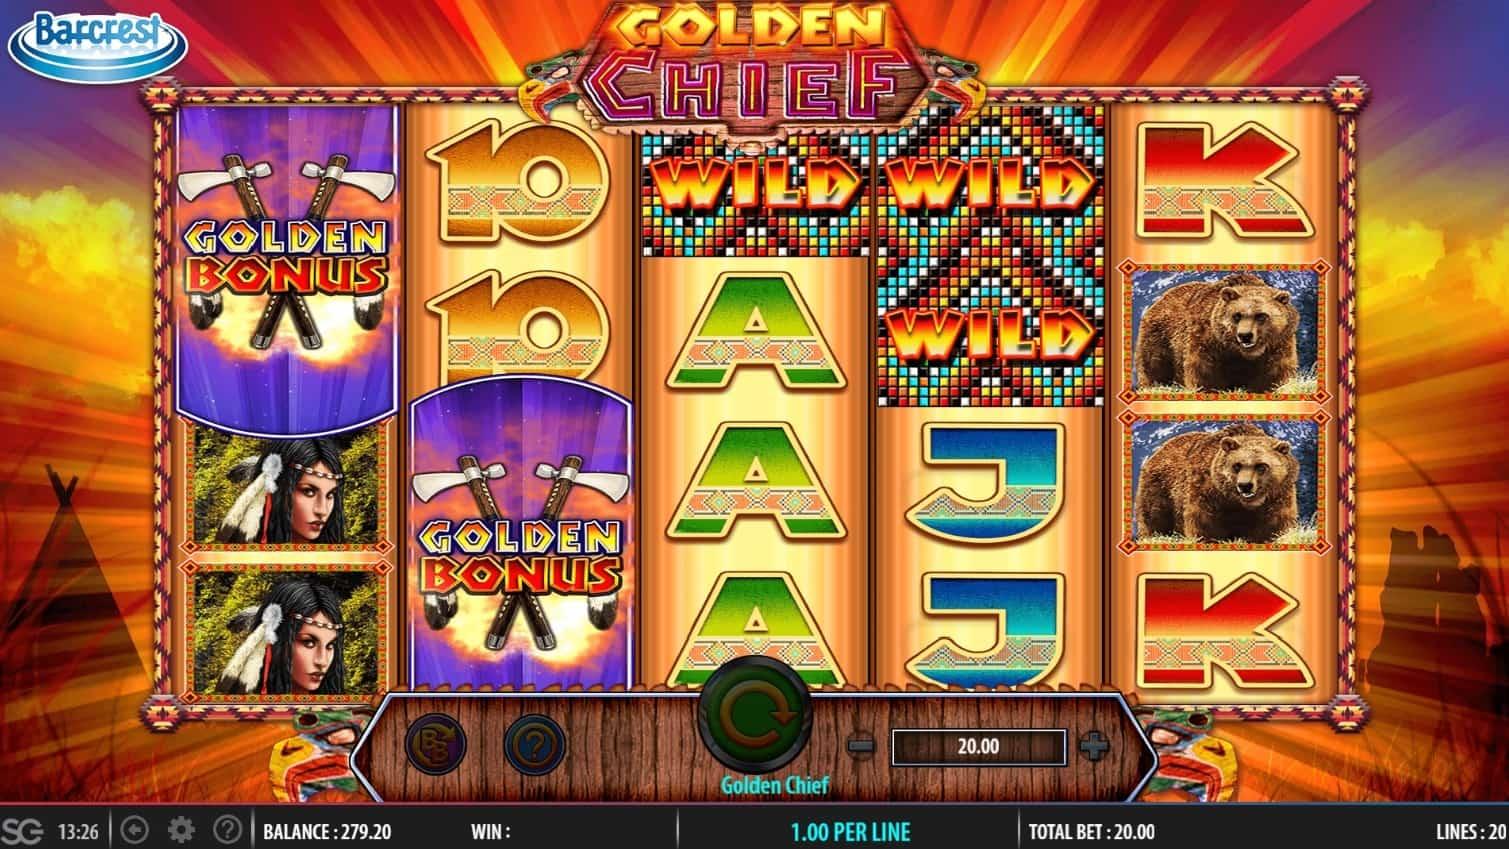 Golden Chief online casino Slot